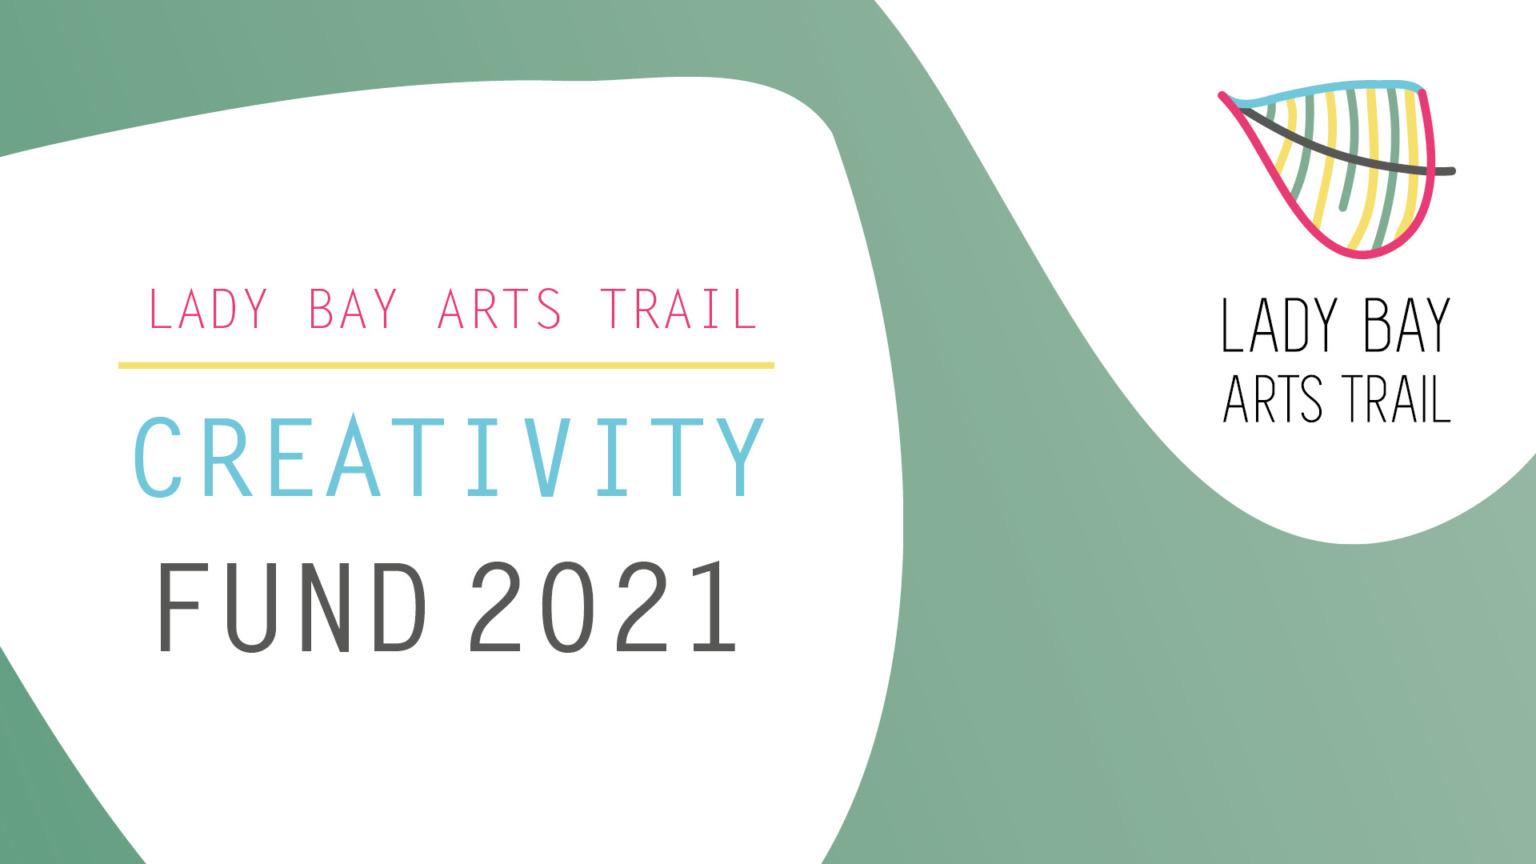 Lady Bay Arts Trail Creativity Fund